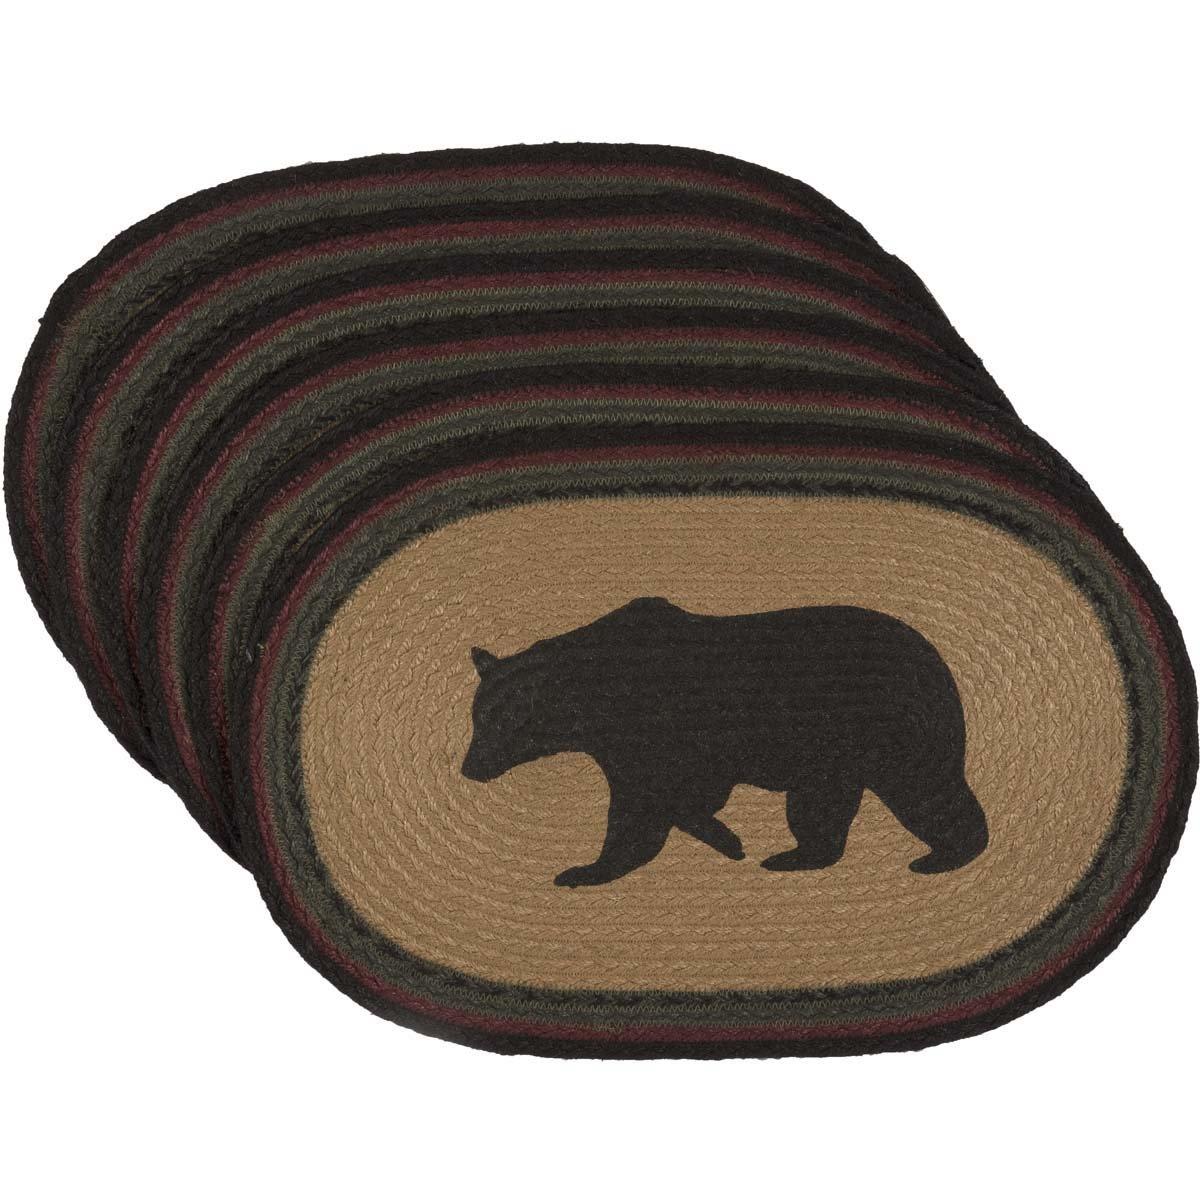 VHC Brands 素朴でロッジ テーブルトップ & キッチン ワイアット タンベア 楕円形 ジュートプレースマット 6枚セット ブラウン   B073RWBQP8